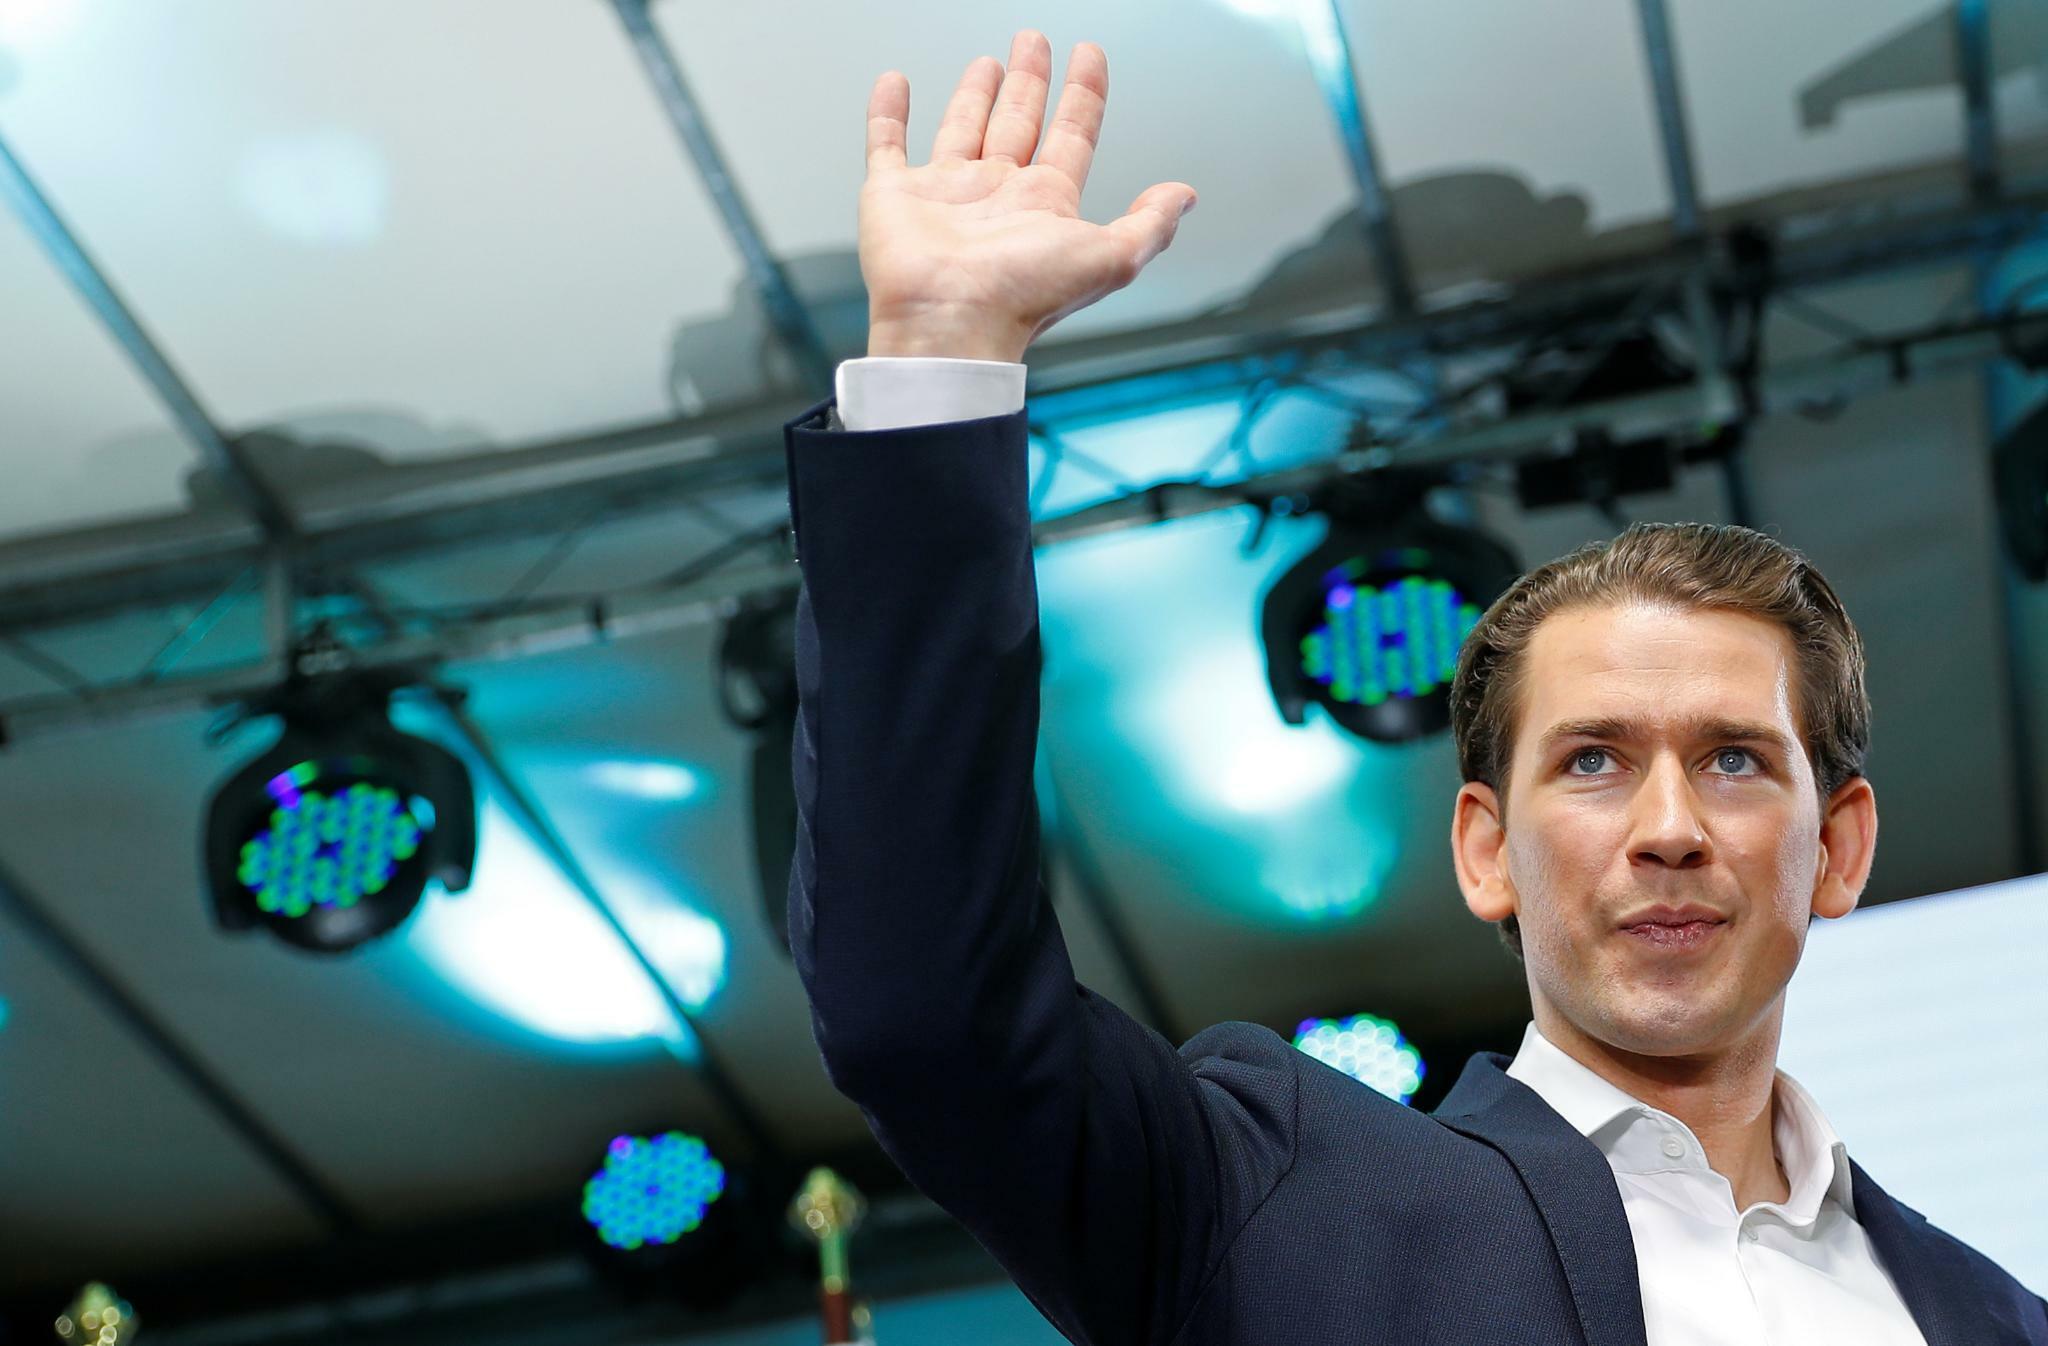 Österreich: Triumph bei Europawahl hilft Sebastian Kurz nicht